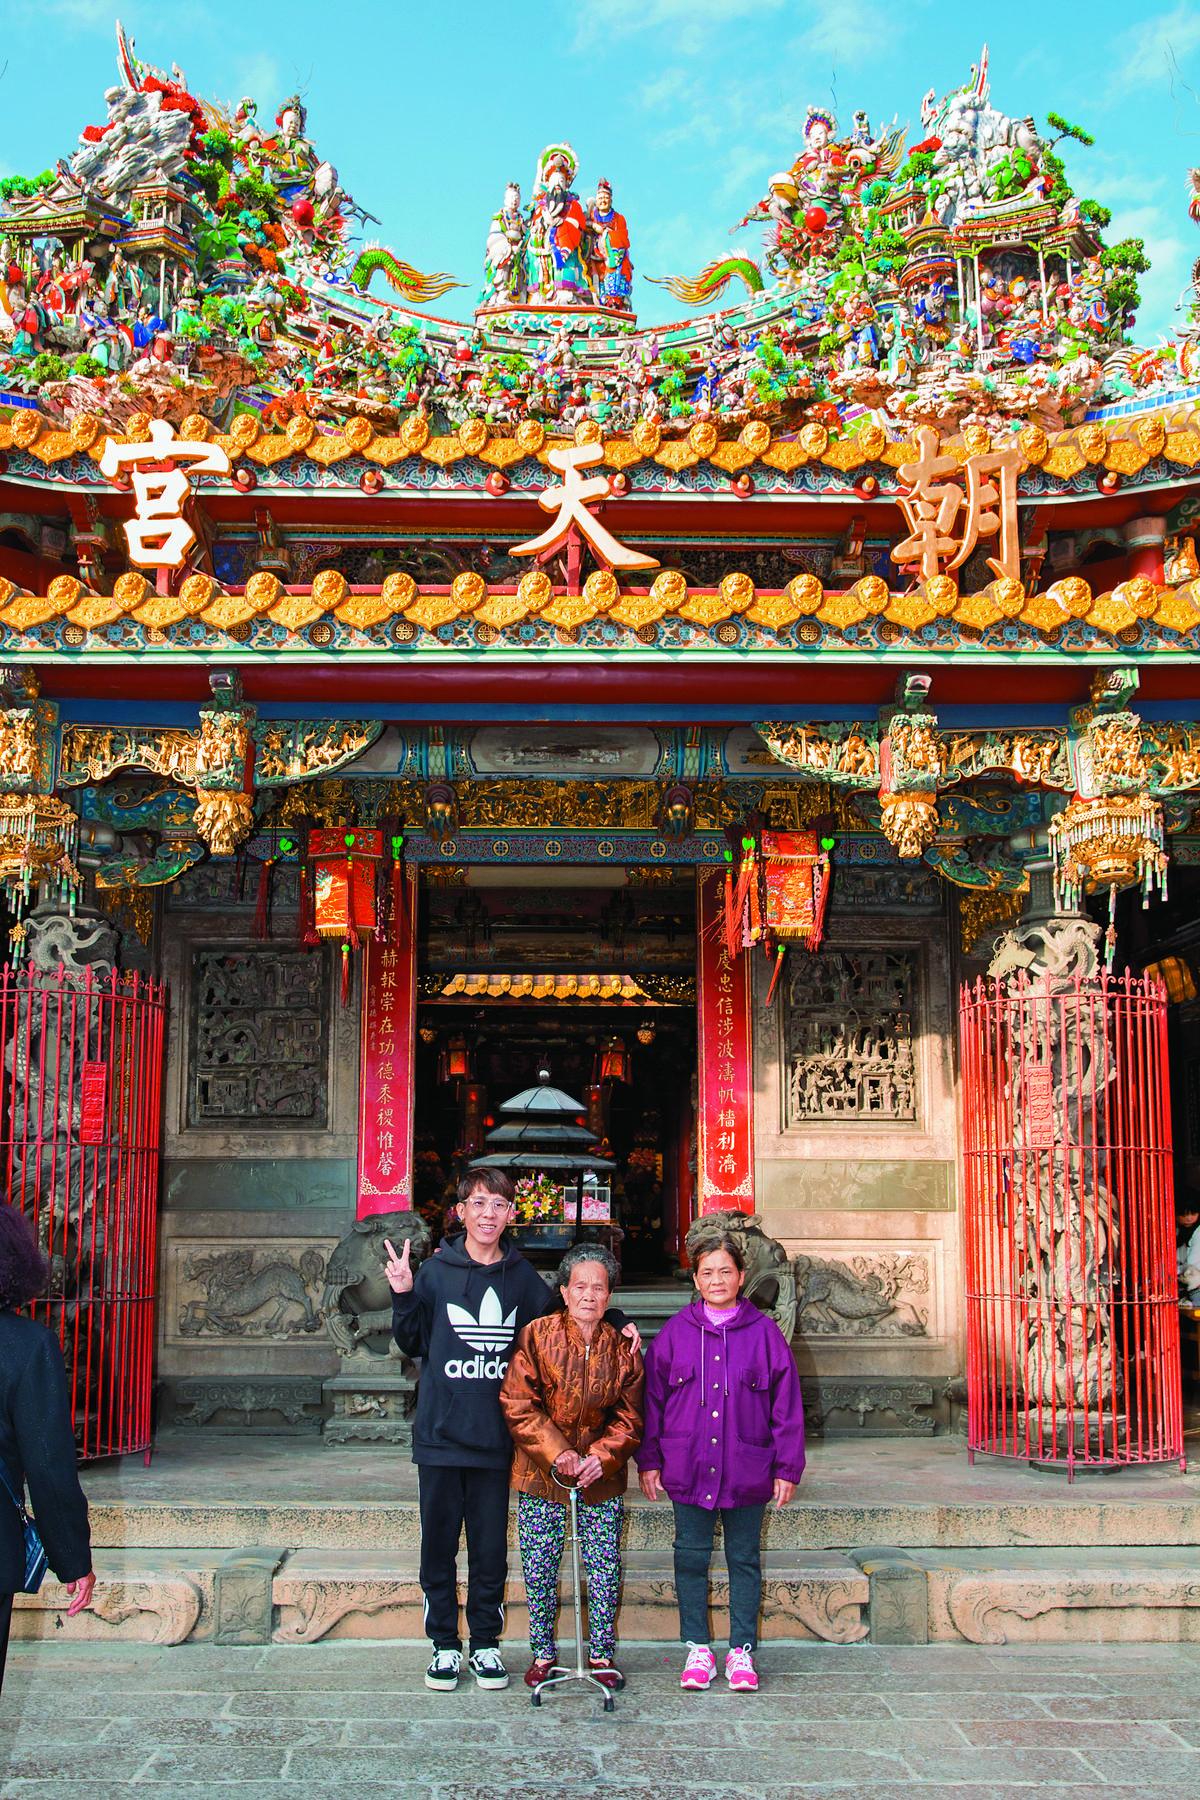 林進載阿嬤、媽媽到北港朝天宮拜拜祈福,阿嬤說已經數十年沒來過朝天宮。